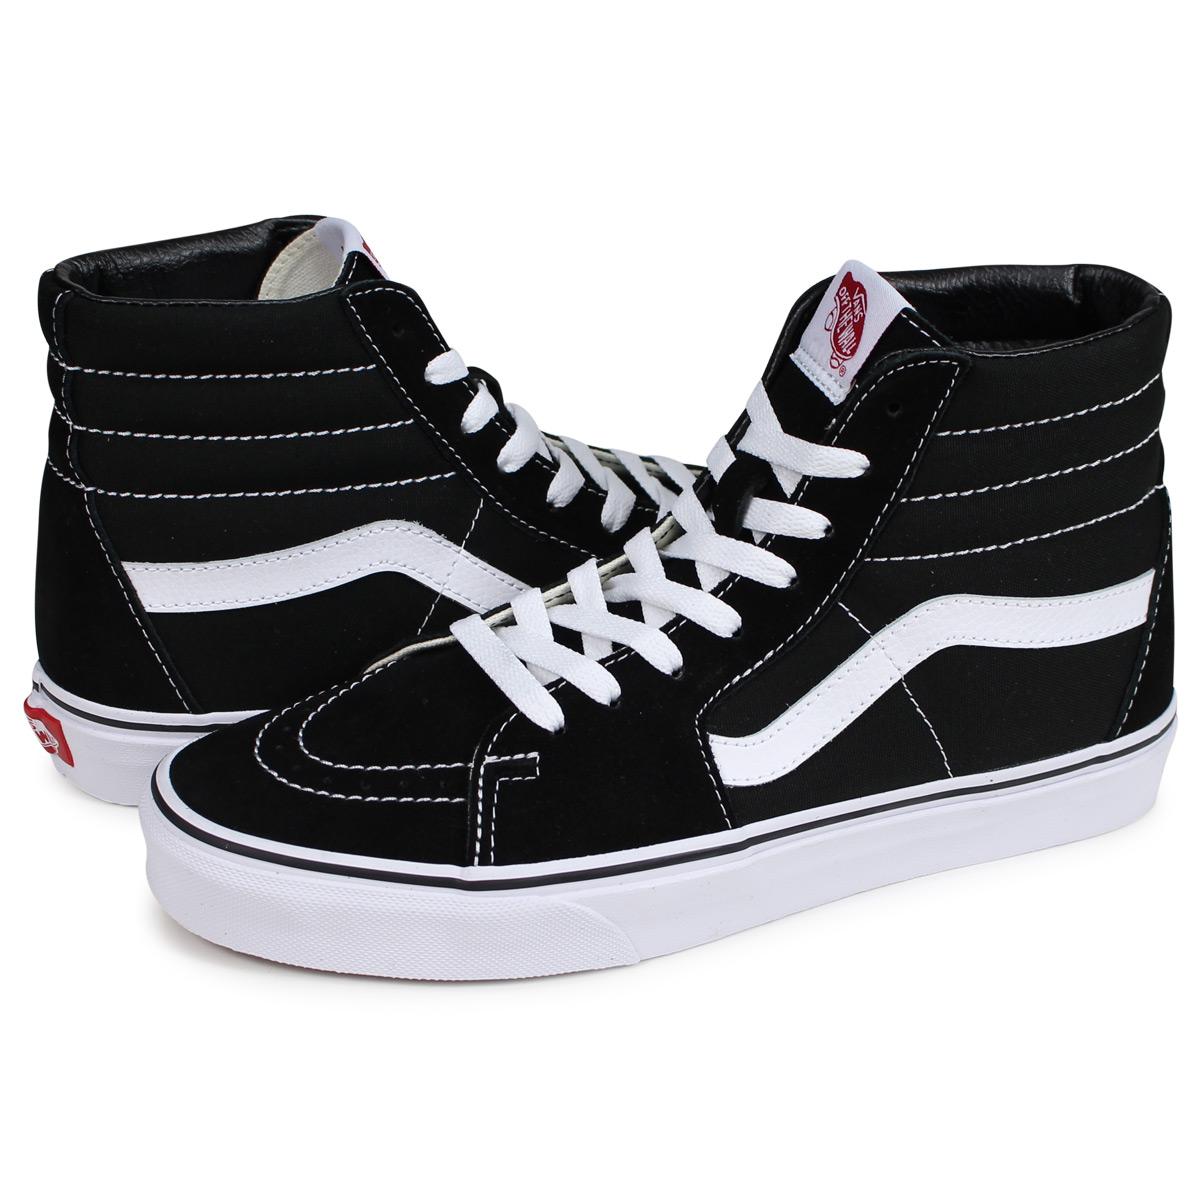 f5b65707b1 ALLSPORTS  VANS SK8-HI VN000D5IB8C sneakers men vans station wagons ...